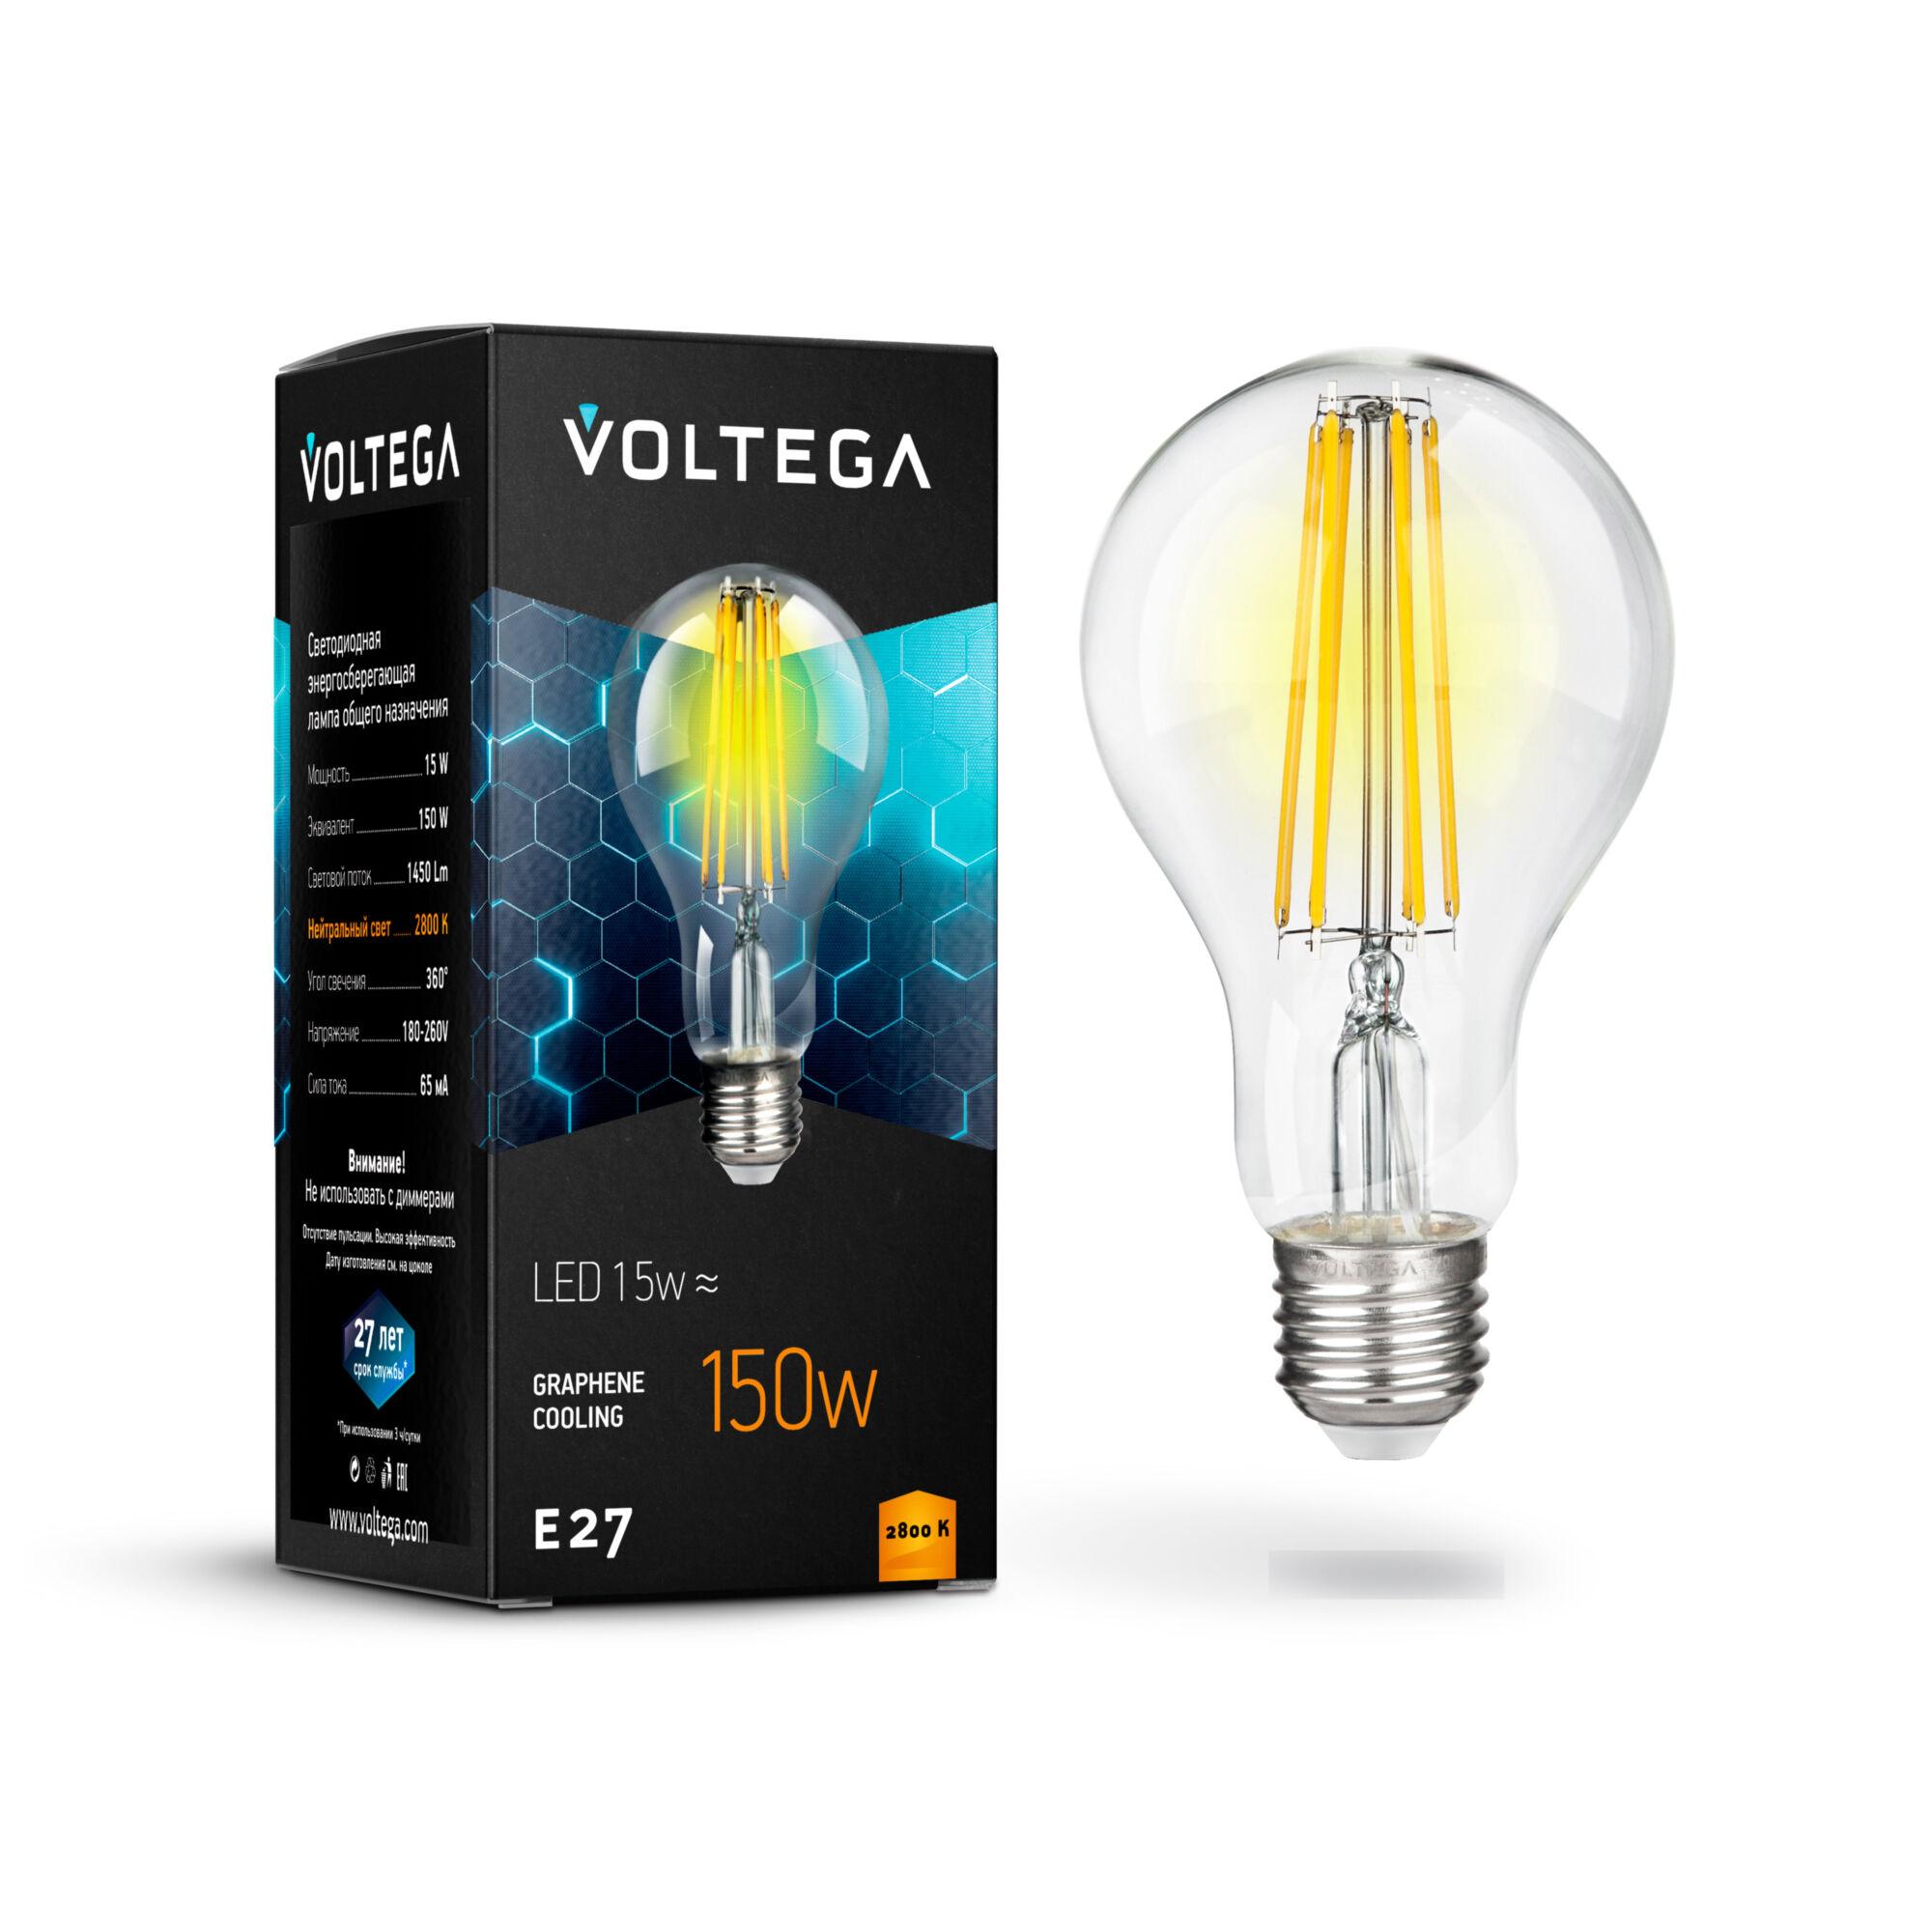 Фото - Лампочка Voltega General purpose bulb Е27 15W 2800К лампочка voltega candel matt е27 6w 2800к